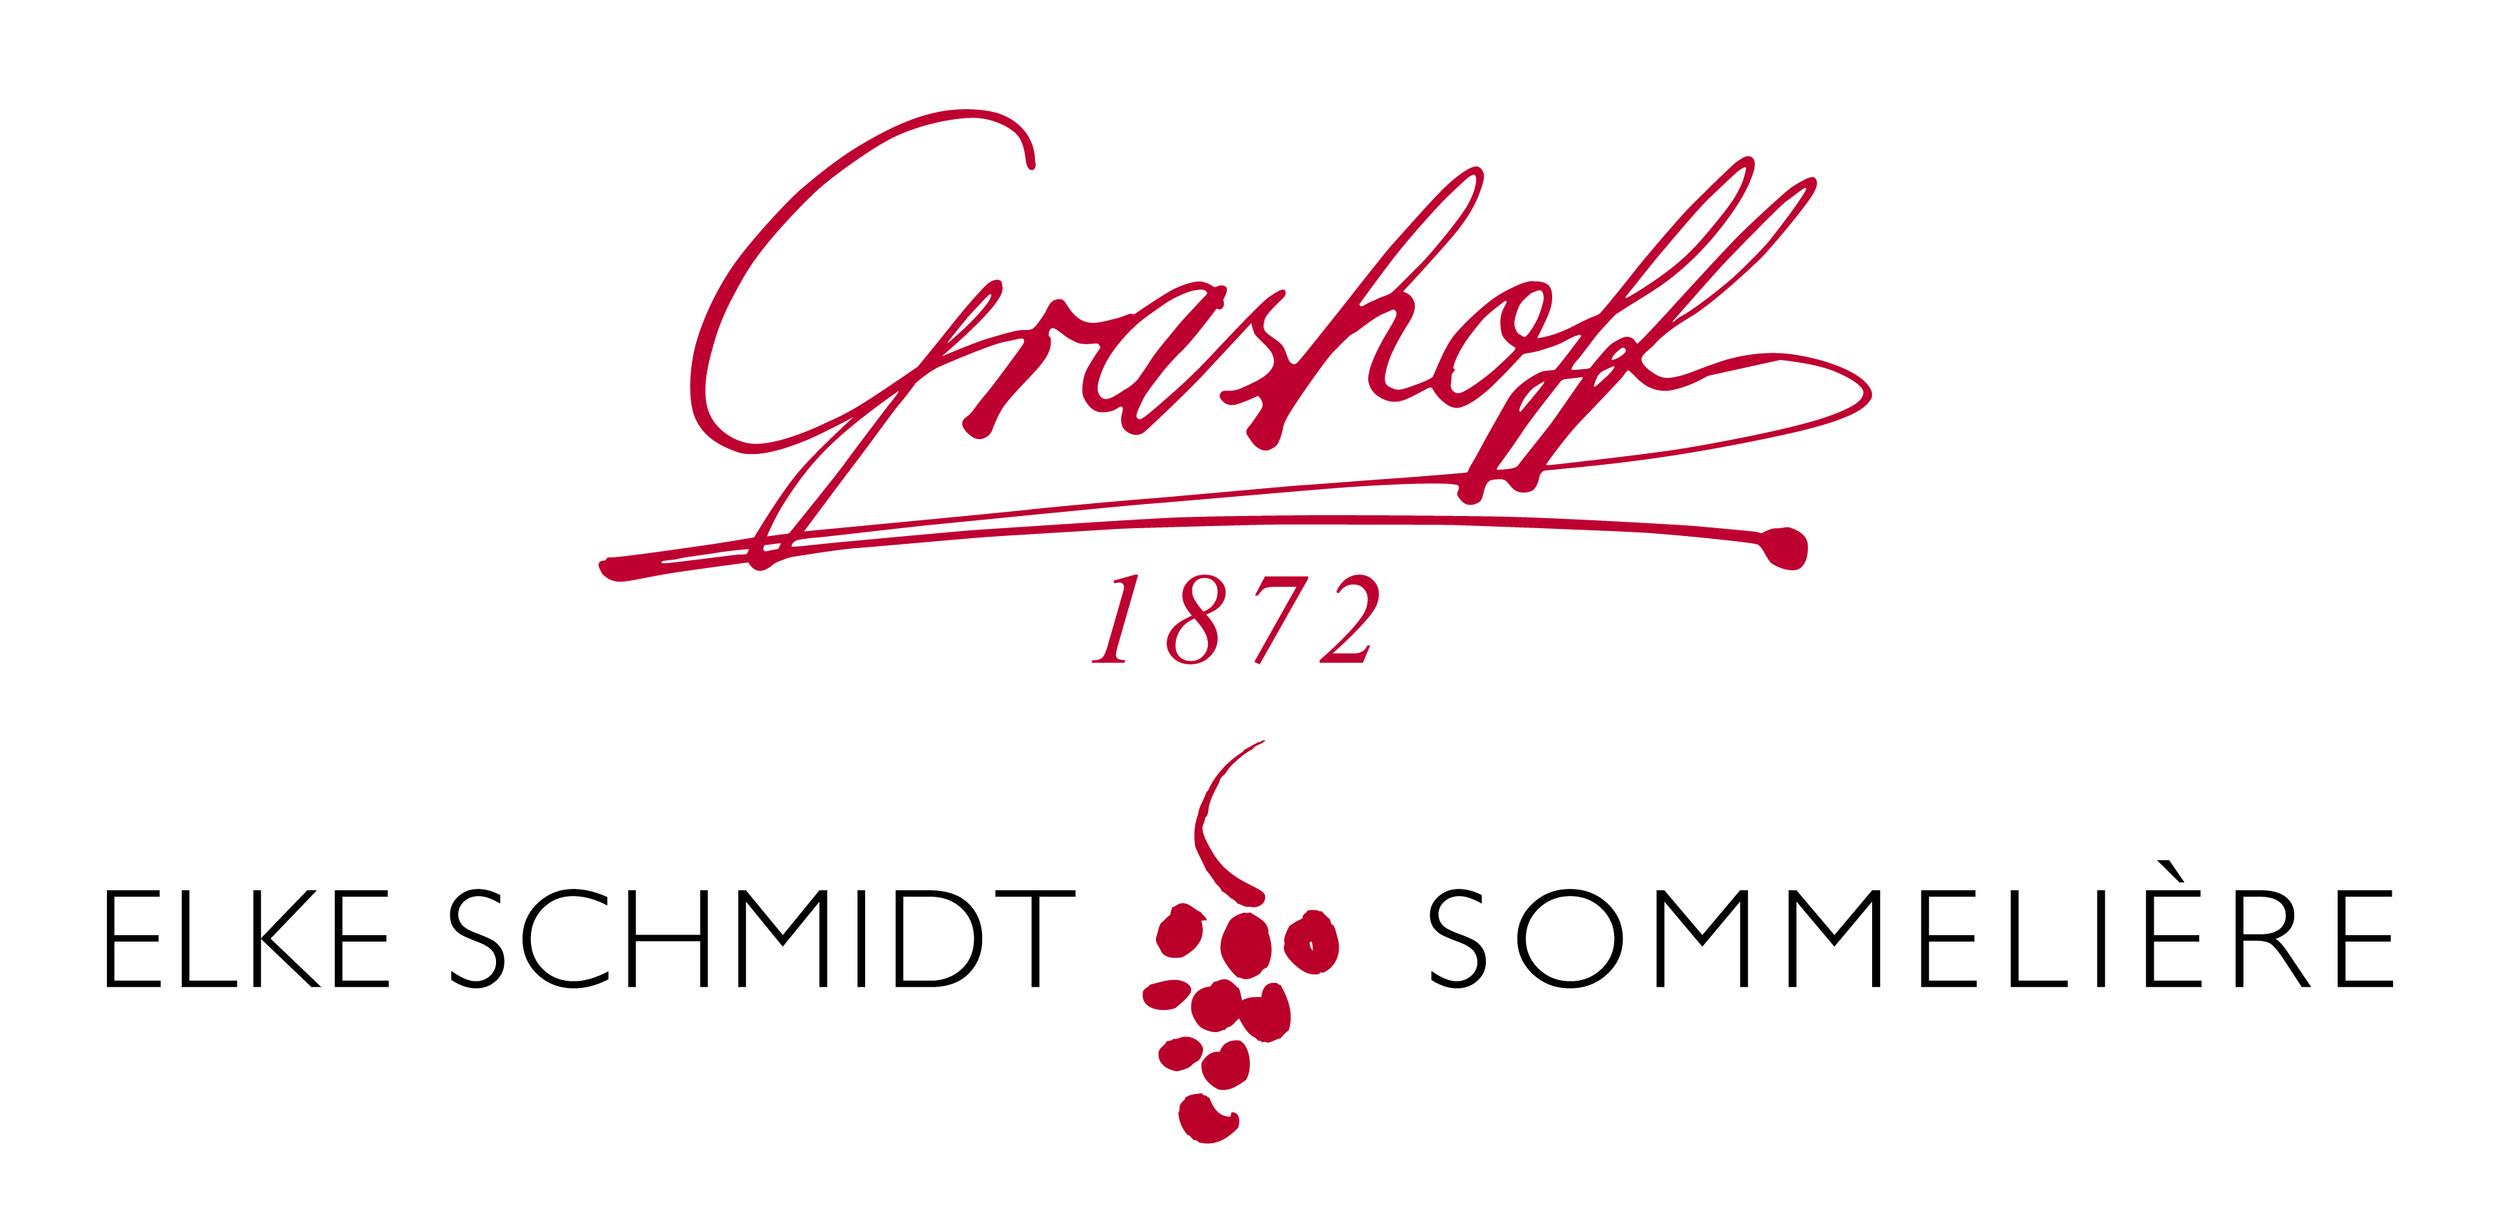 Grashoff_Schmidt_Sommelière_Logo_2015.jpg